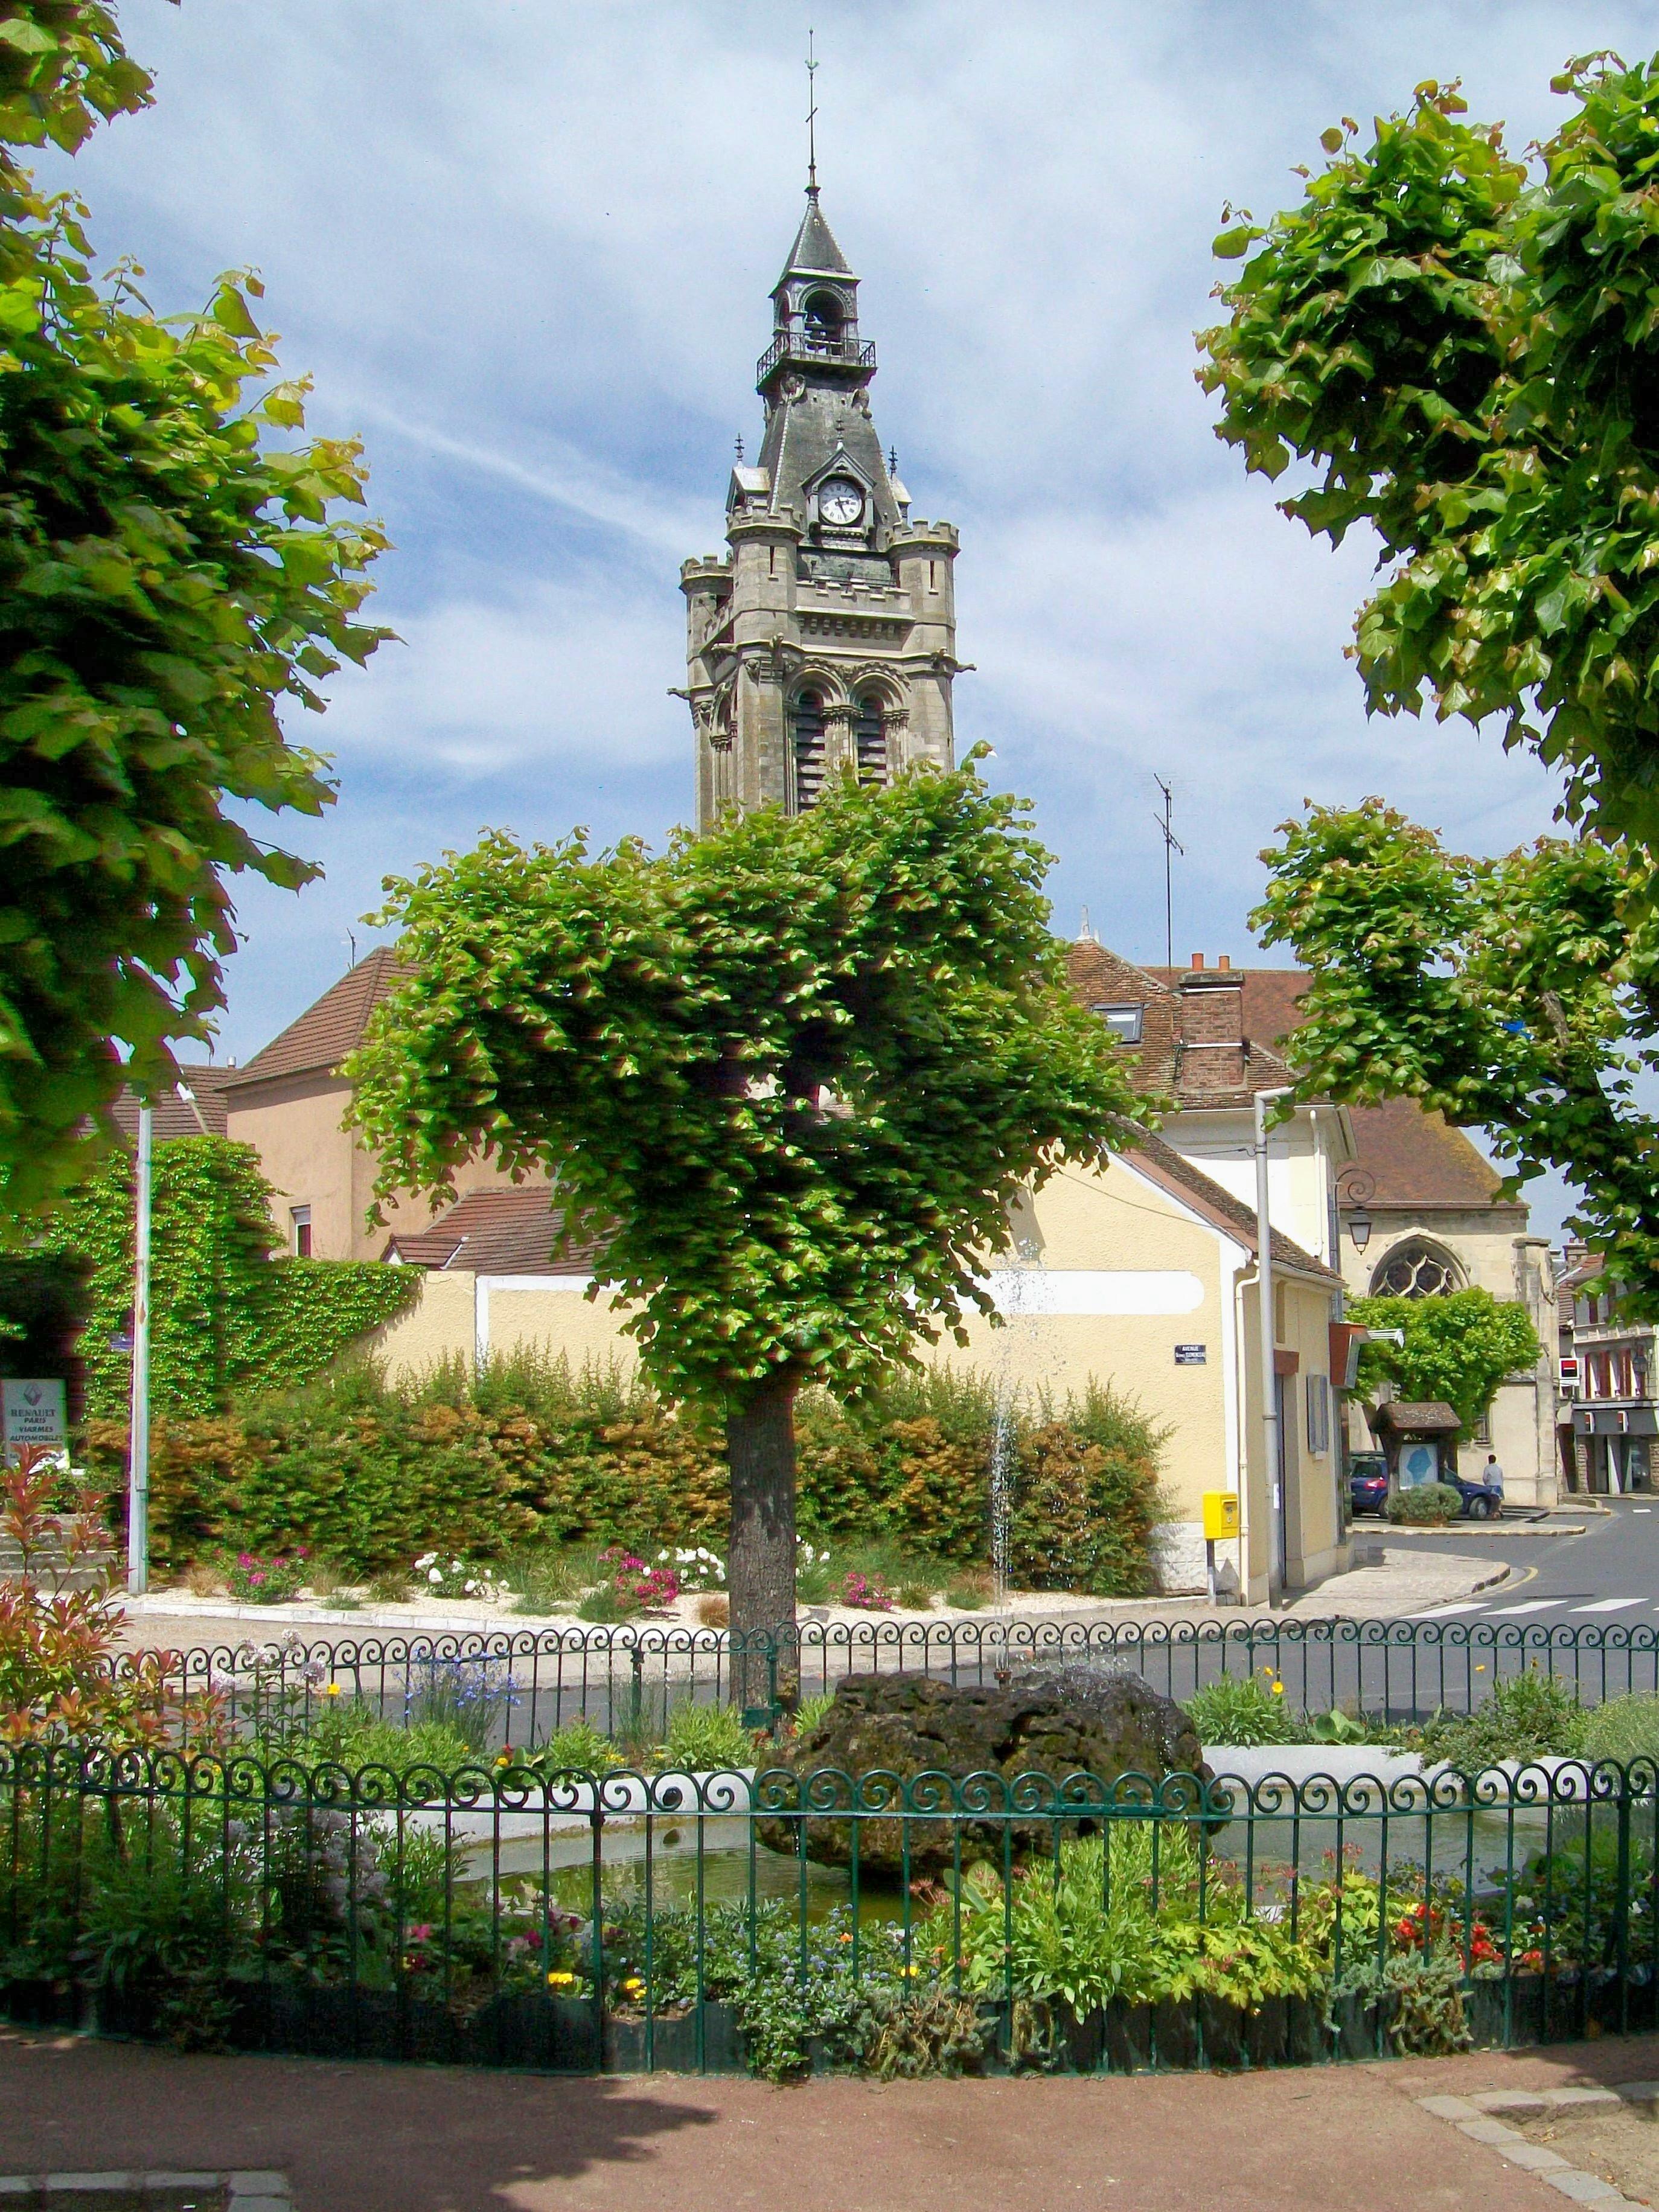 Narbonne Version 3 1: File:Viarmes, Square Halbout Et Clocher De L'église.jpg